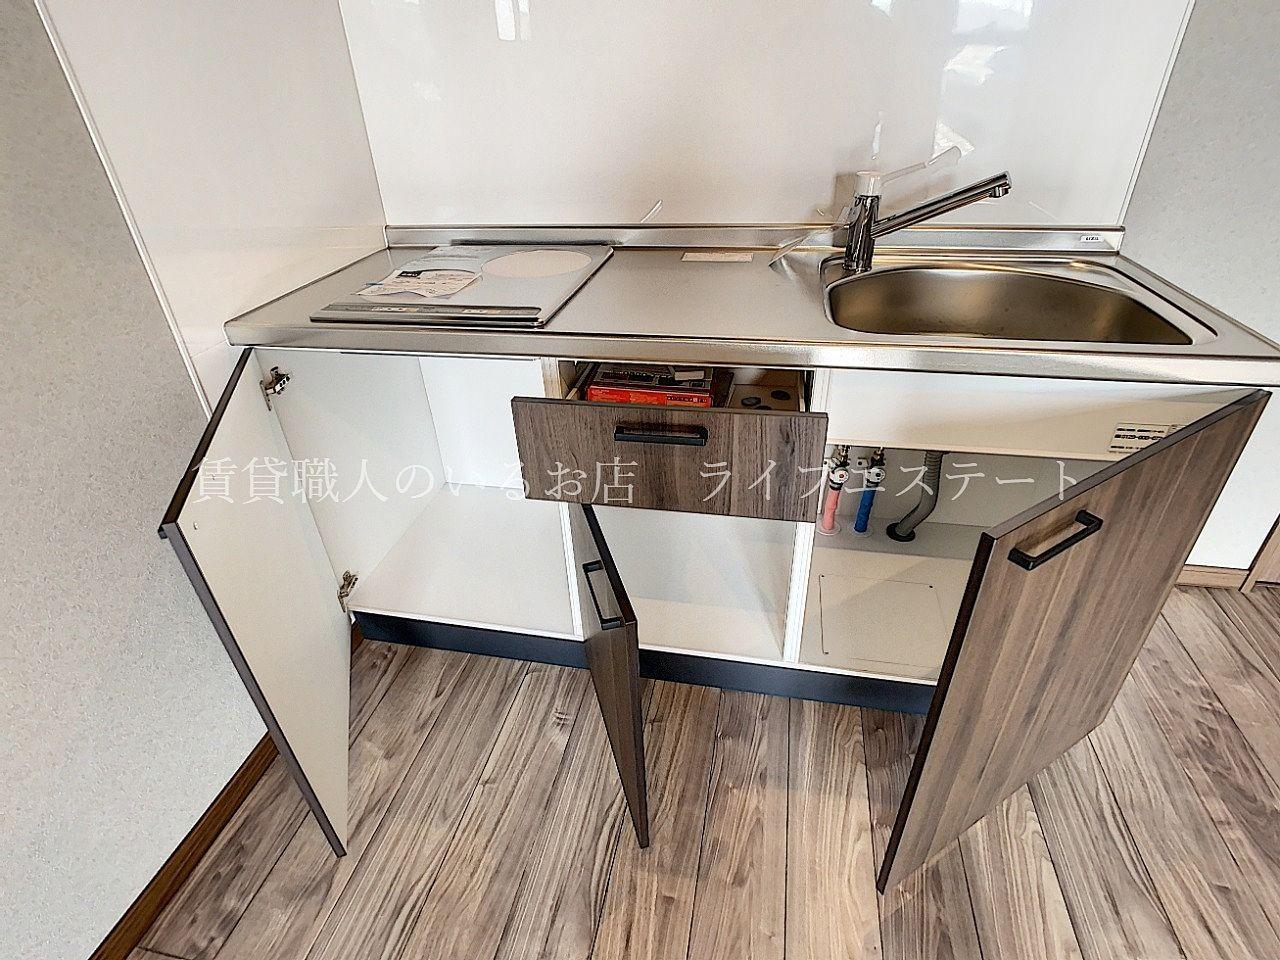 食器棚が不要ならお部屋がよりスッキリします